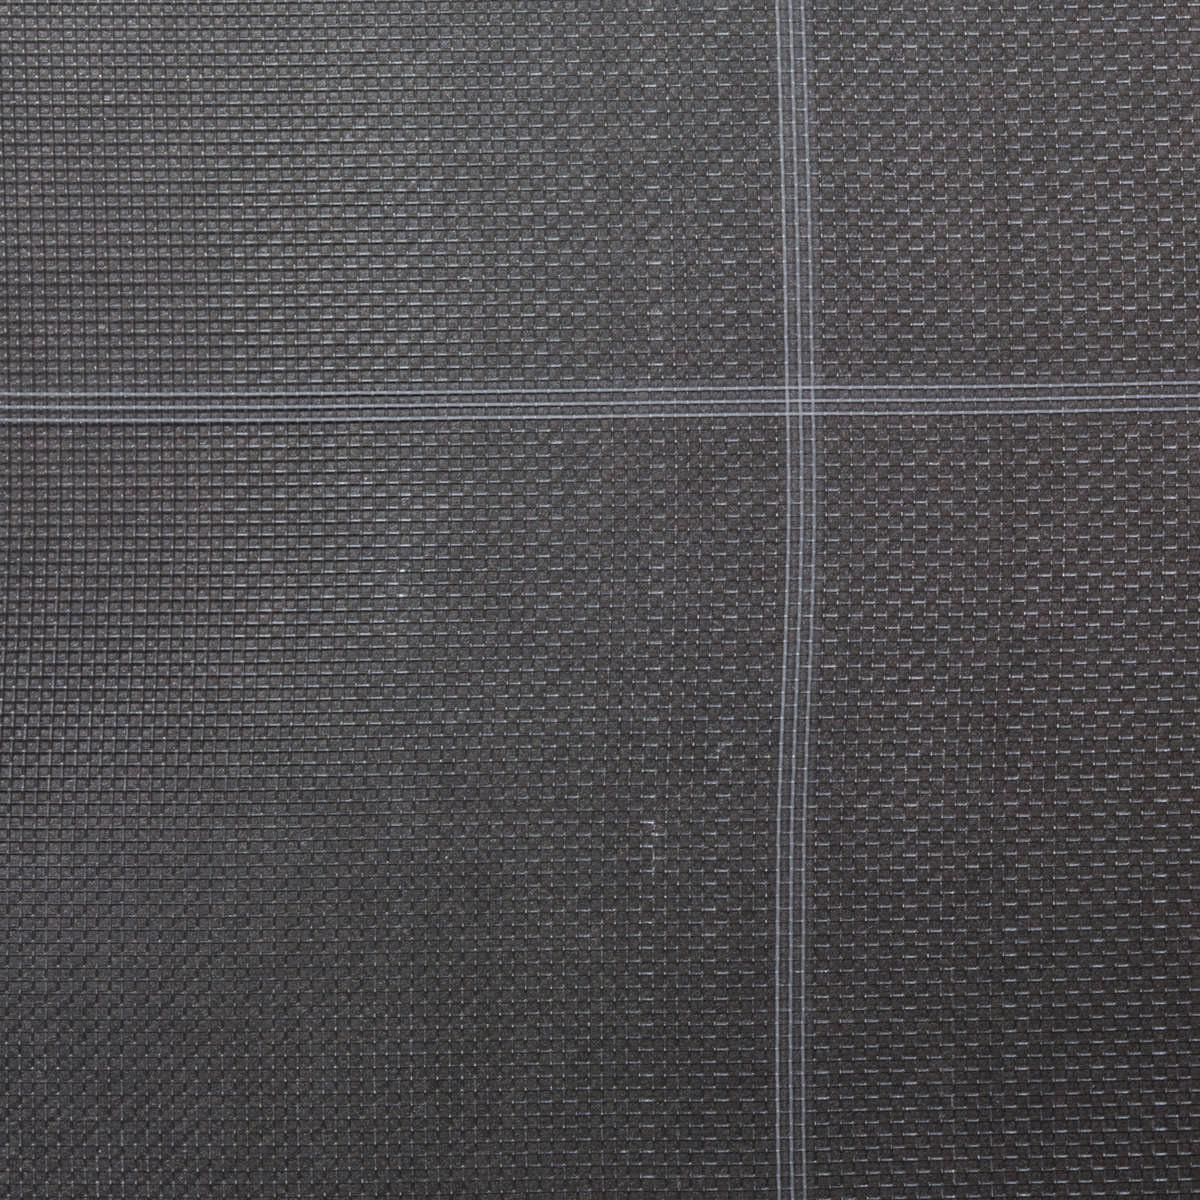 サンサンネット SL4200 1.8m×100m